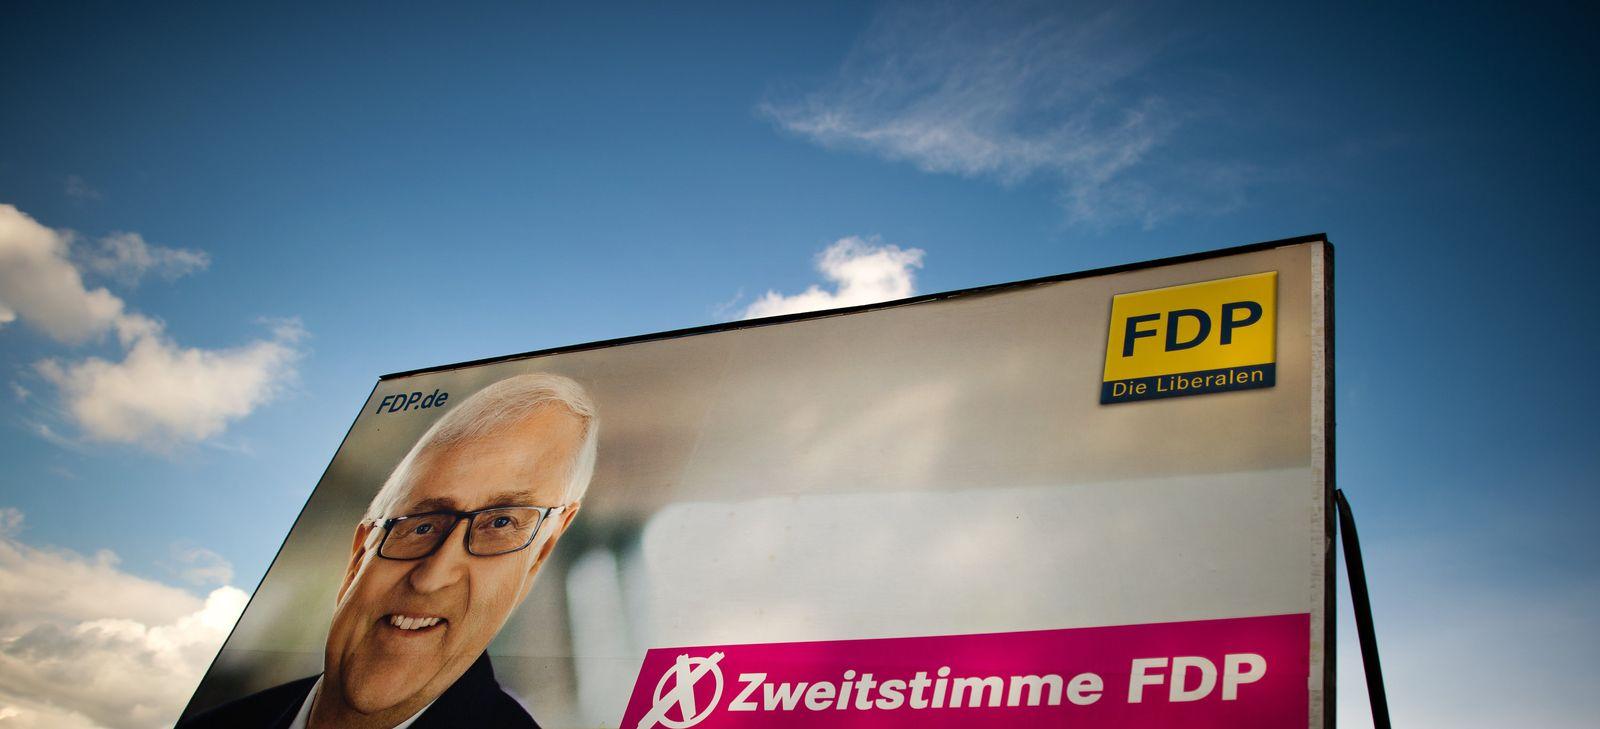 Zweitstimmenkampagne der FDP